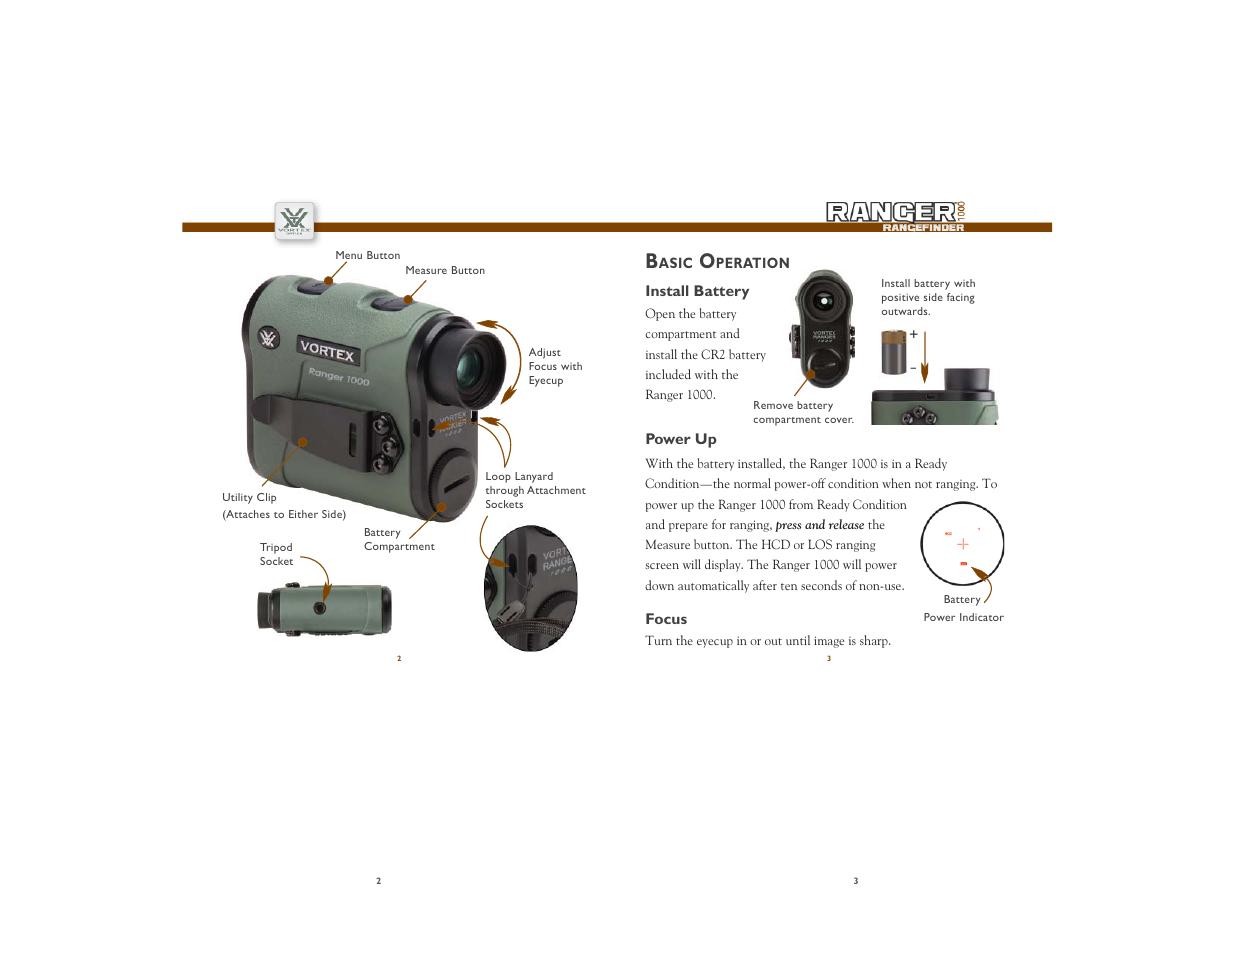 Vortex Optics RANGER 1000 RANGEFINDER WITH HCD User Manual